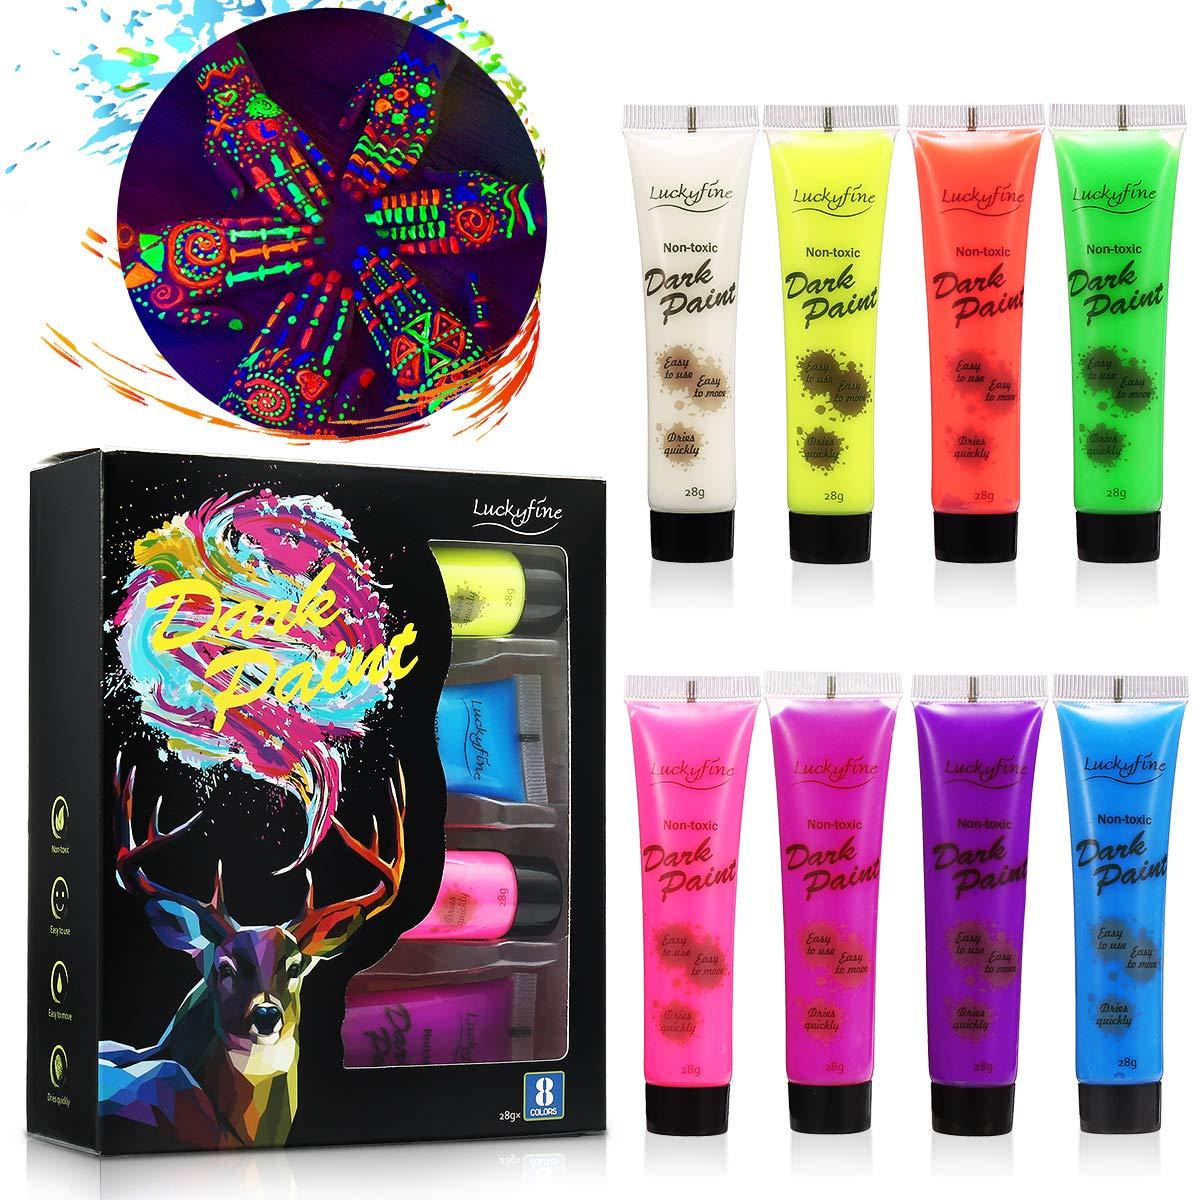 Luckyfine-8-x-28g-Pintura-Corporal-y-Facial-UV-Glow-Pintura-Neon miniatura 2